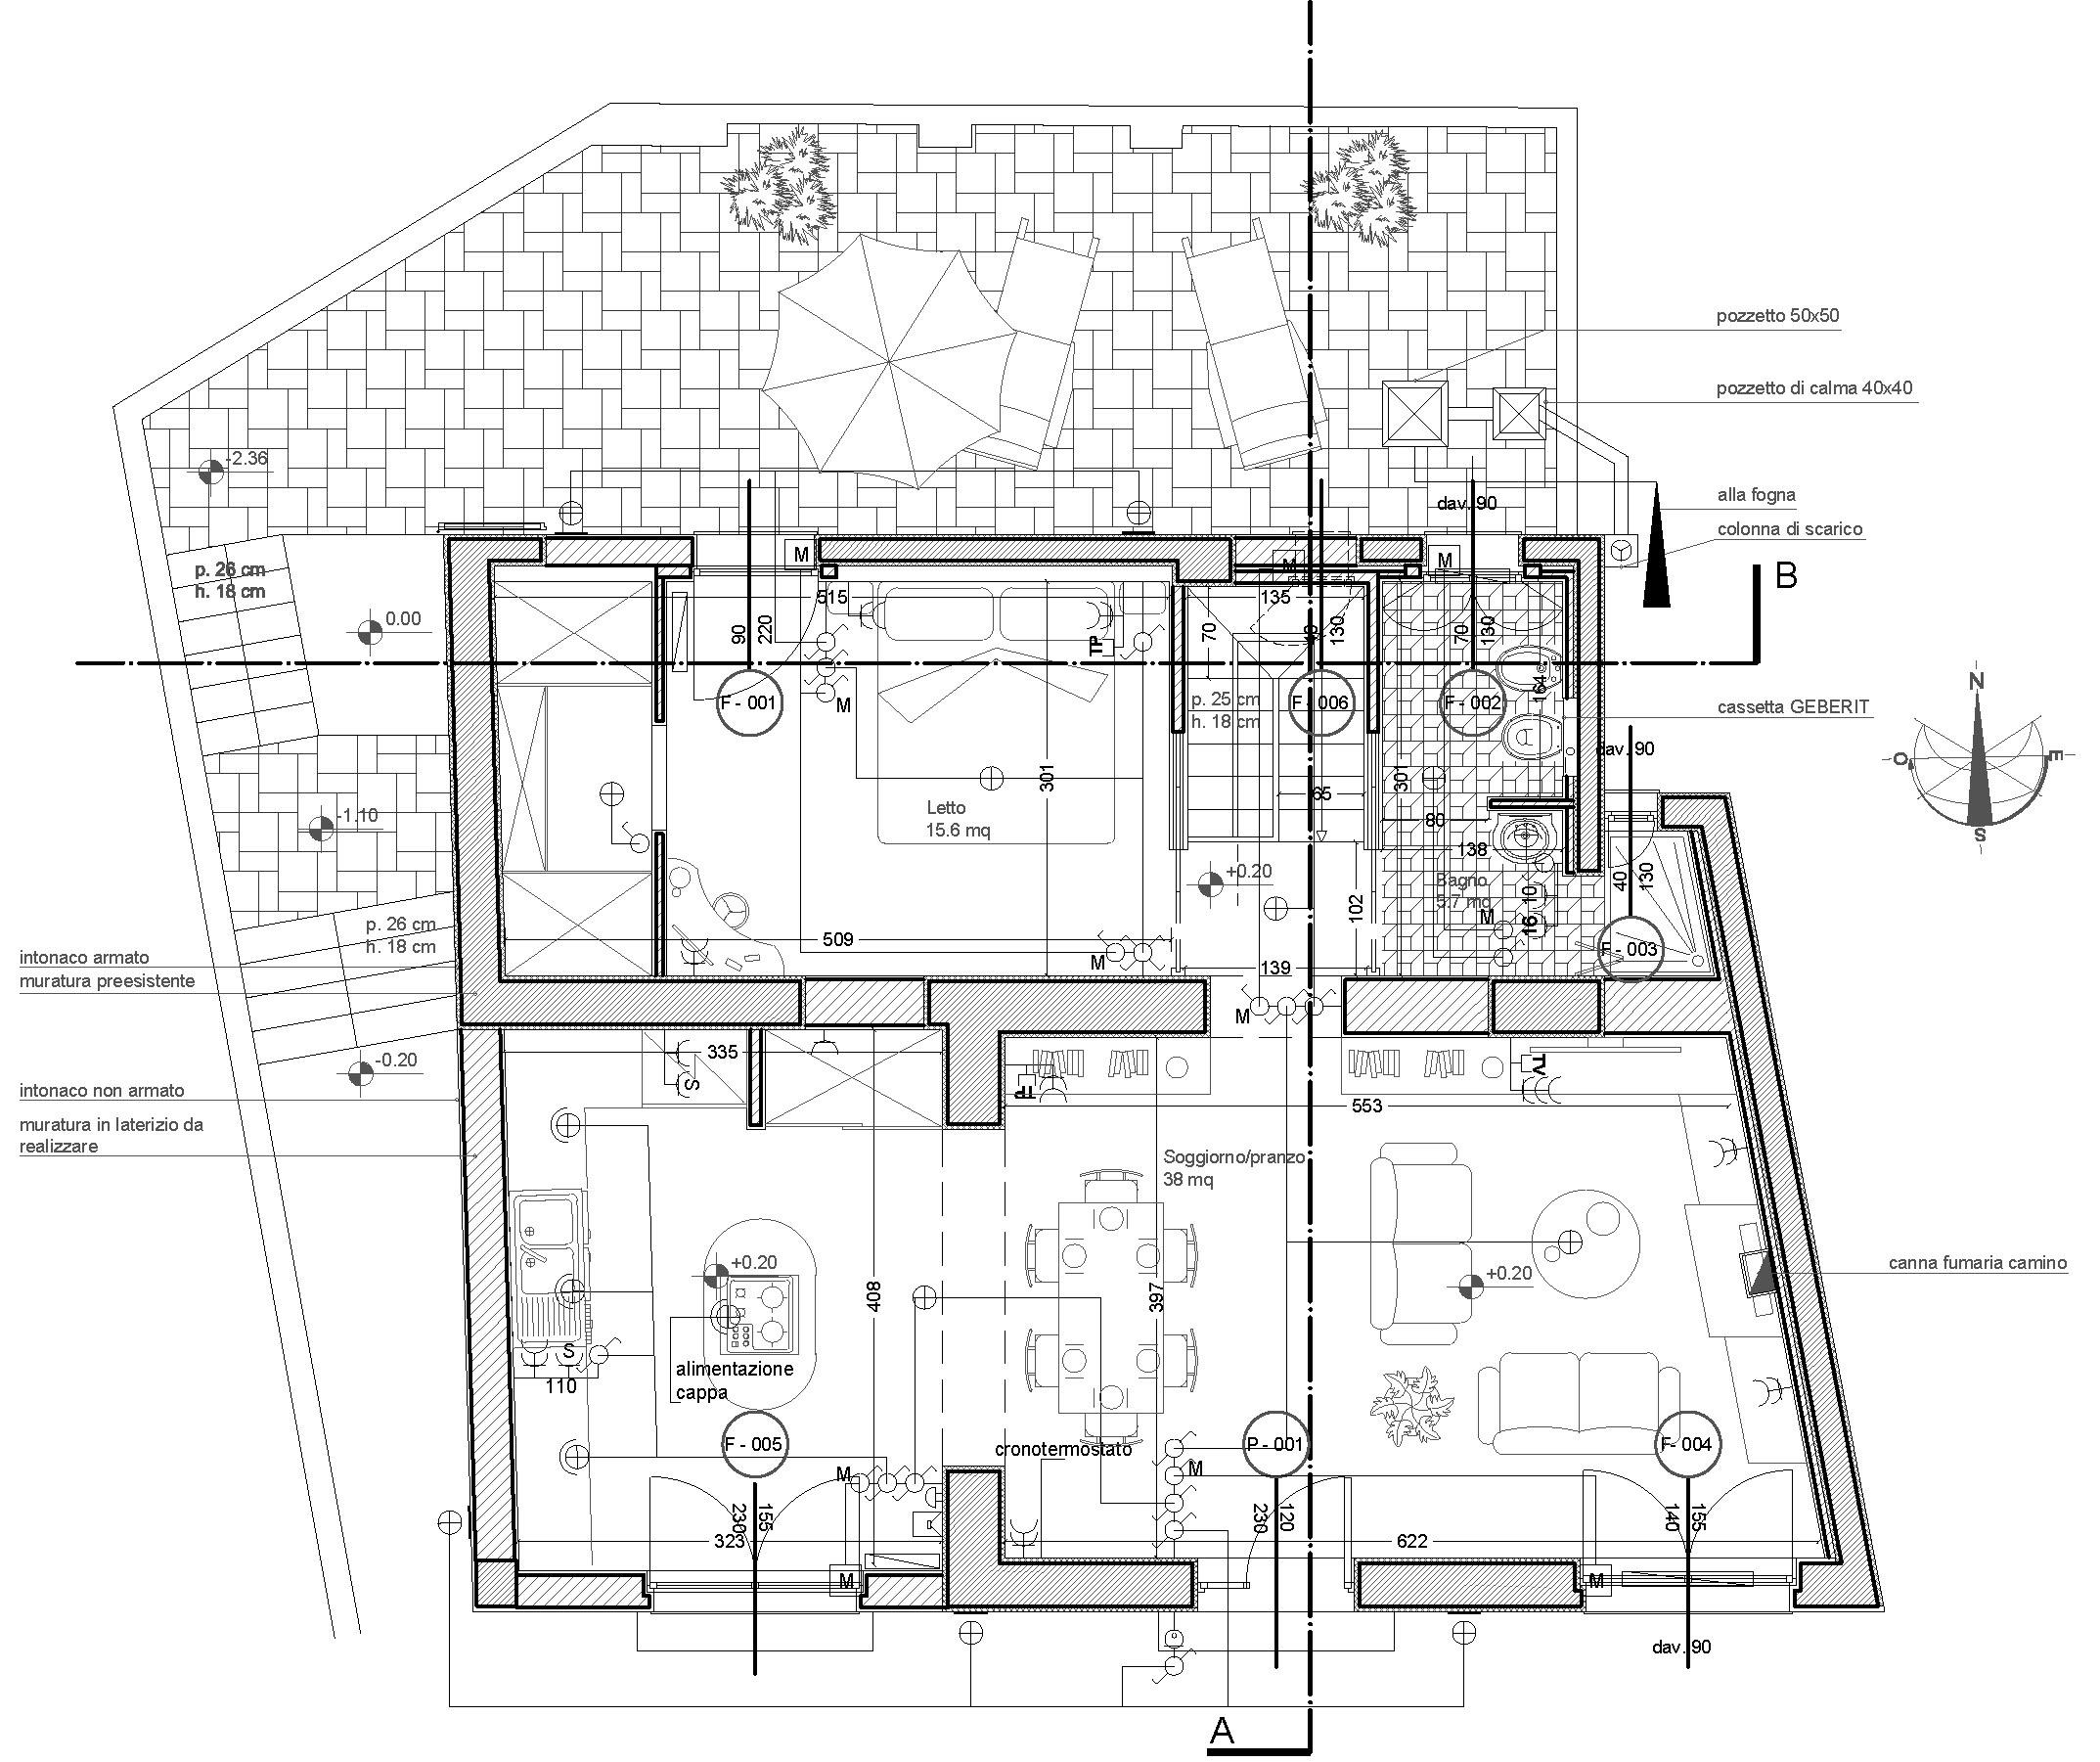 Interventi Di Consolidamento Murature.Casa Bv Recupero Edilizio E Consolidamento Strutture